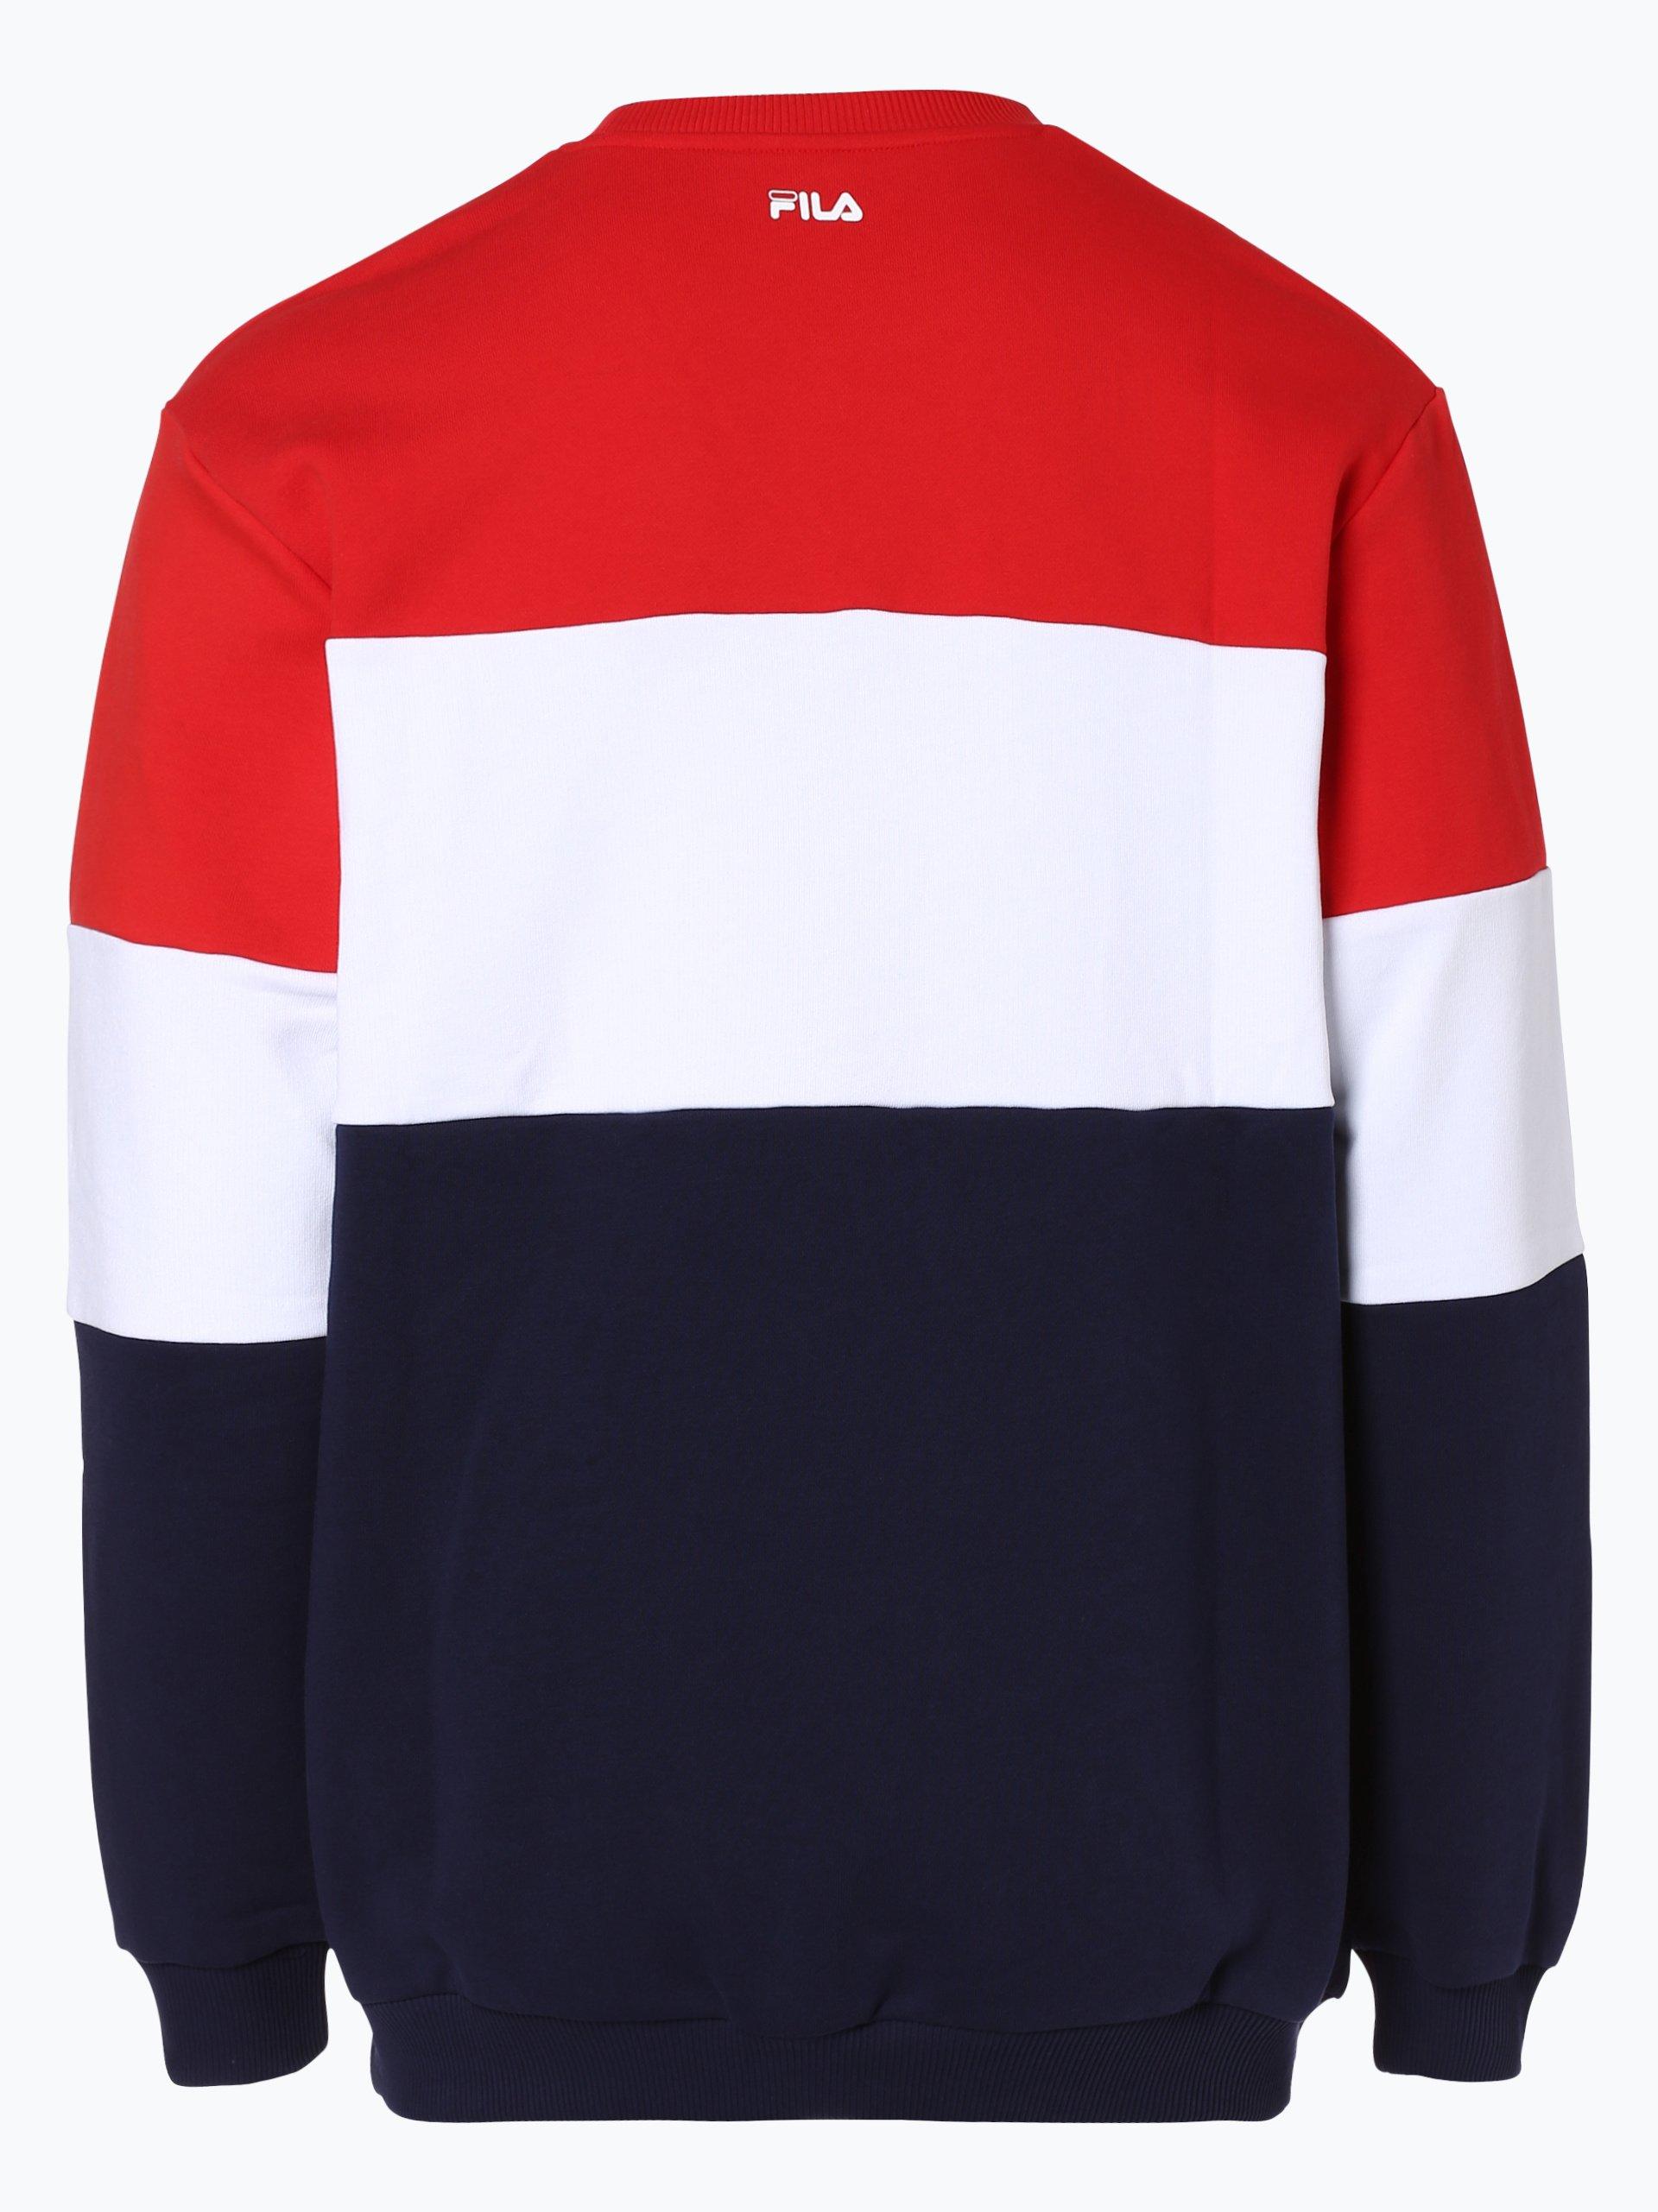 fila herren sweatshirt rot gestreift online kaufen. Black Bedroom Furniture Sets. Home Design Ideas